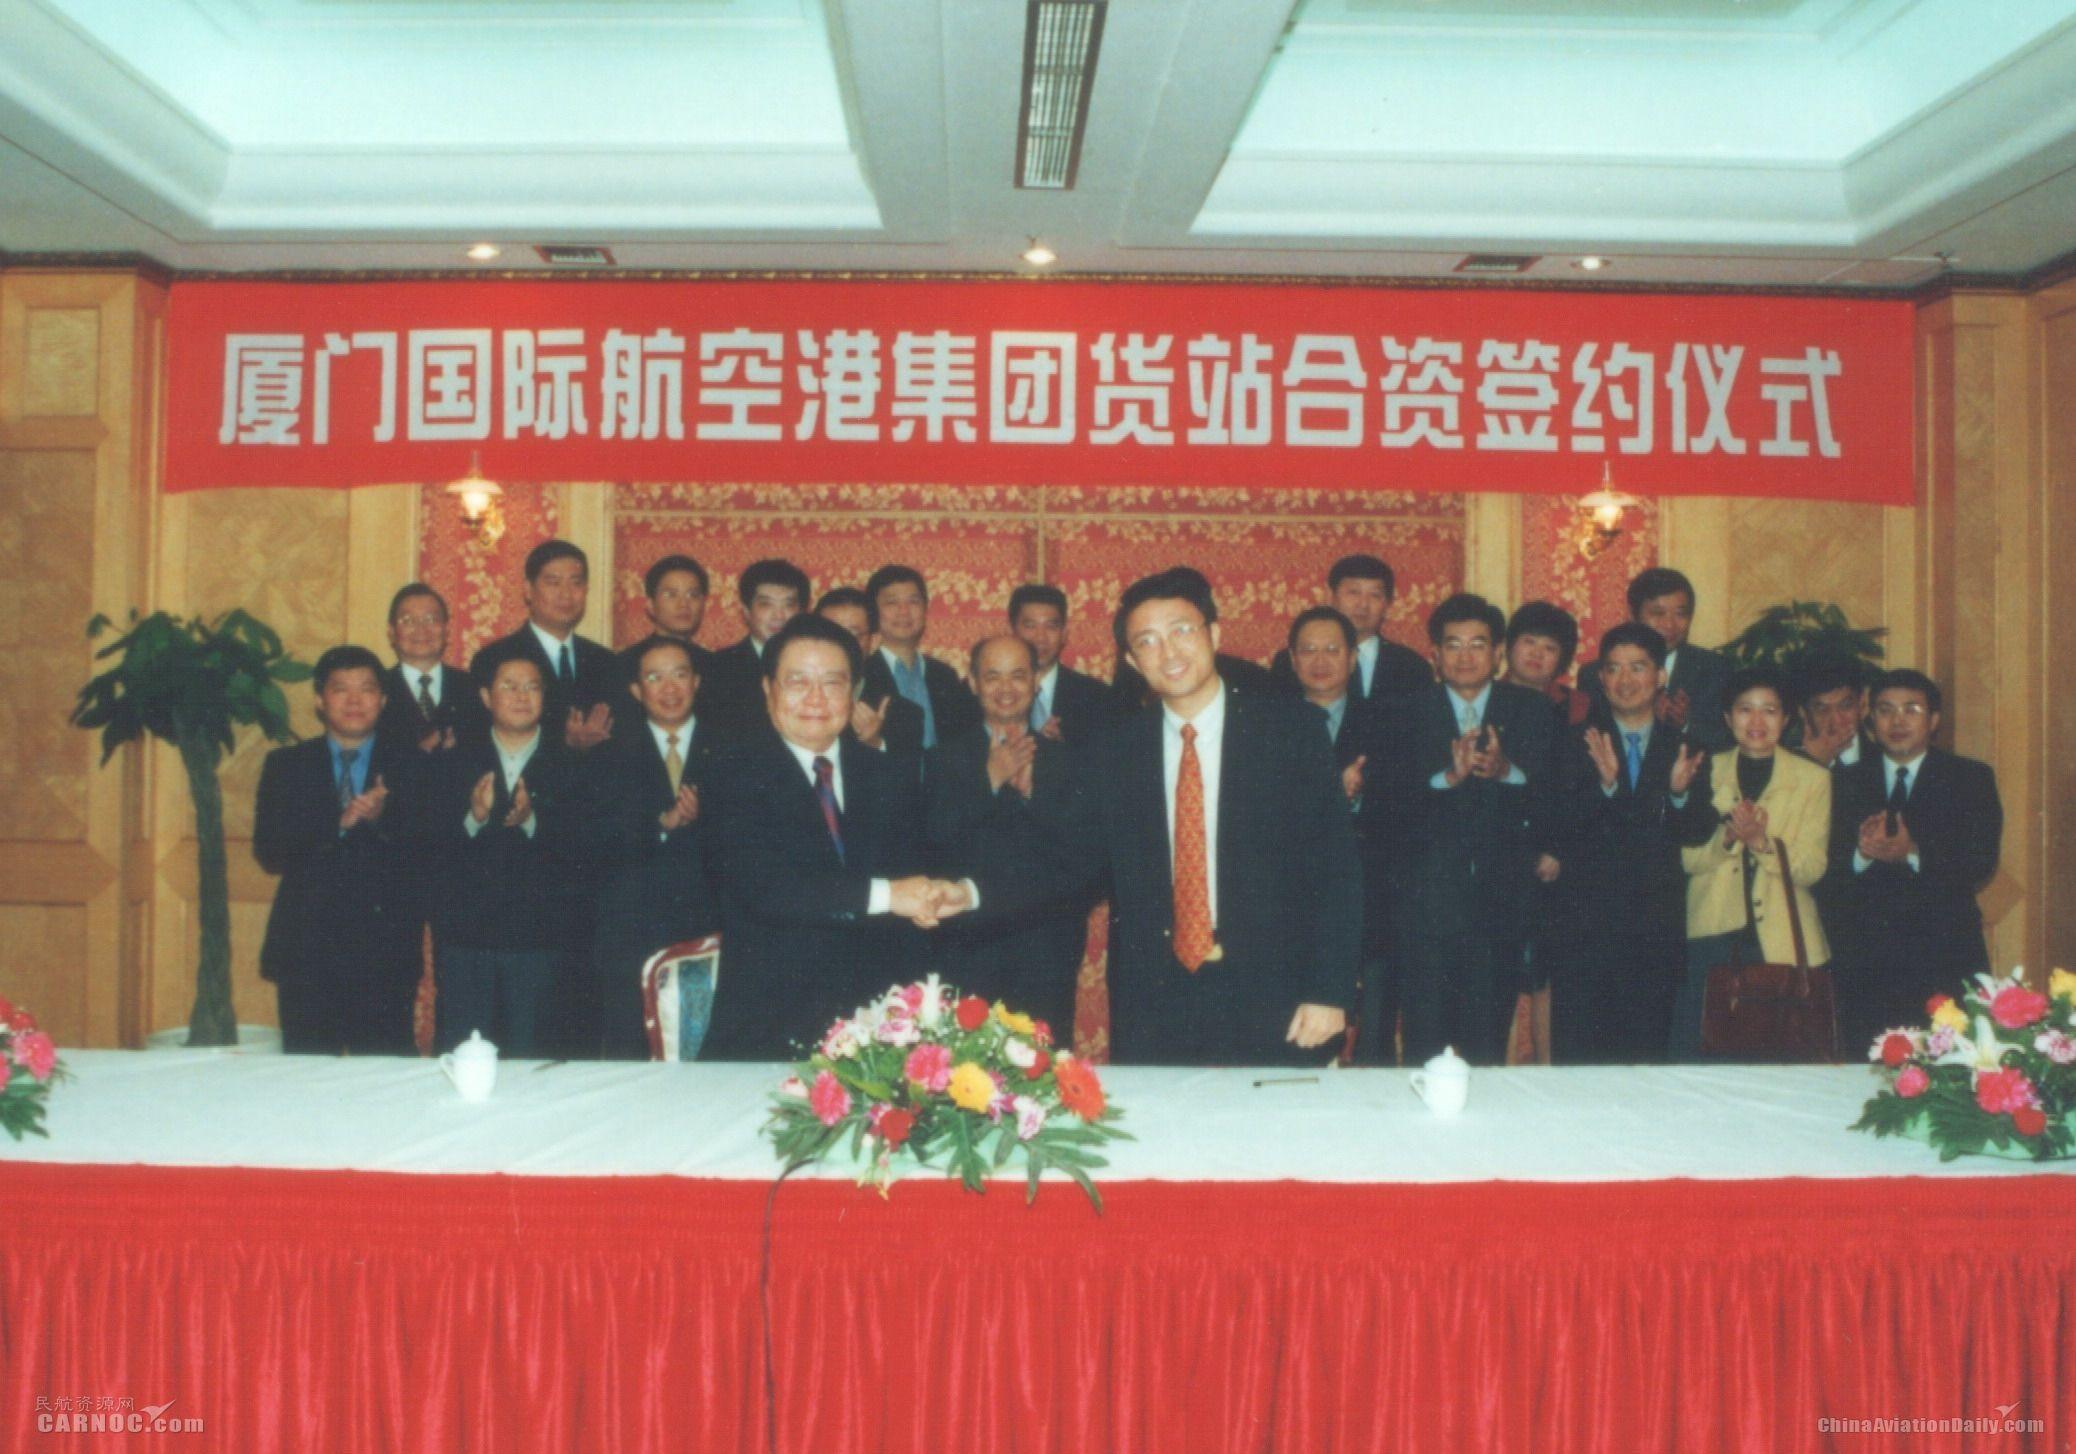 2001年厦门空港新航空货站合资项目签约仪式